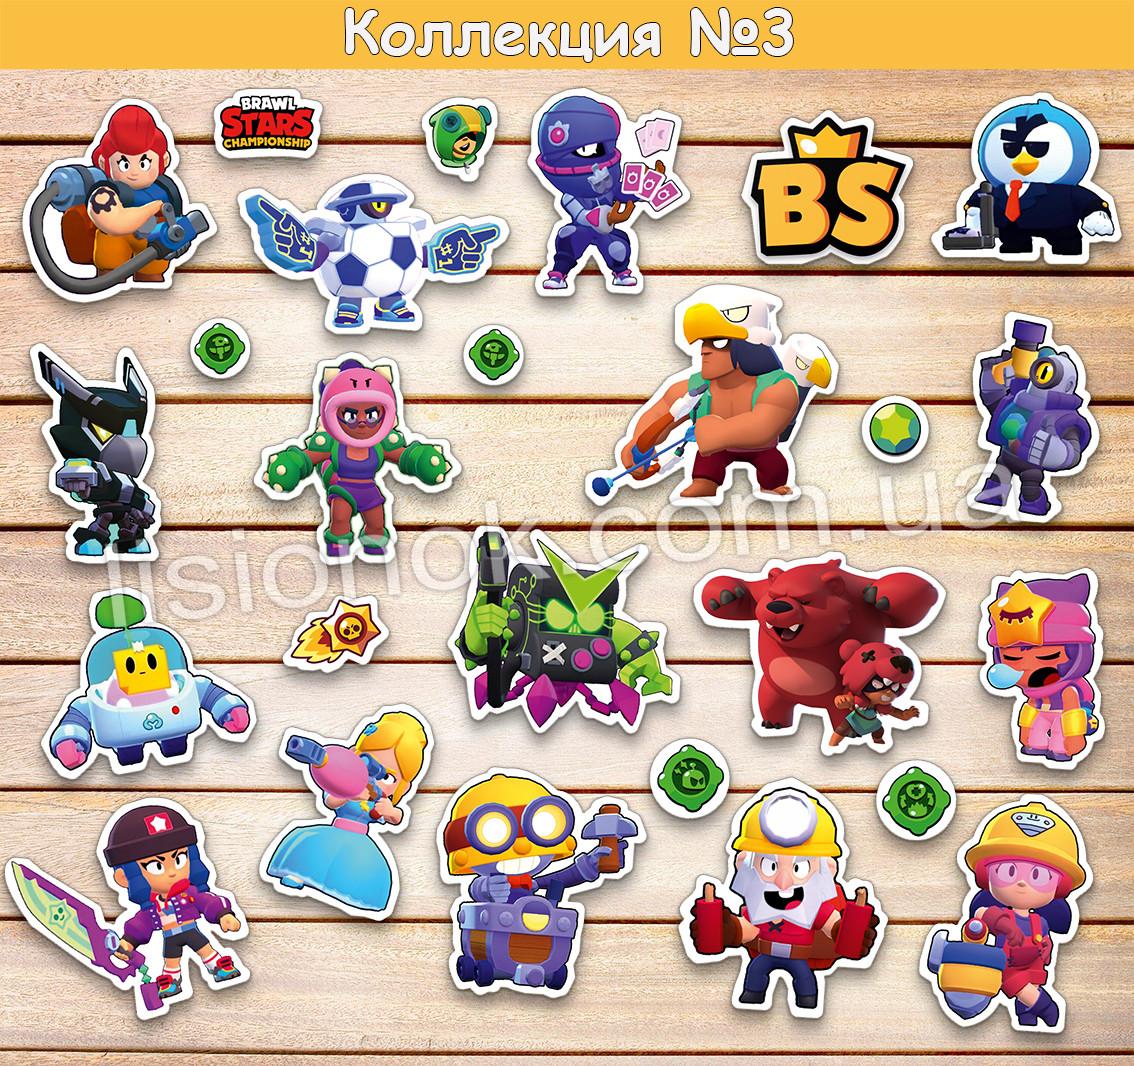 Набор наклеек старс Коллекция №3 с героями любимой игры, стикеры Stars